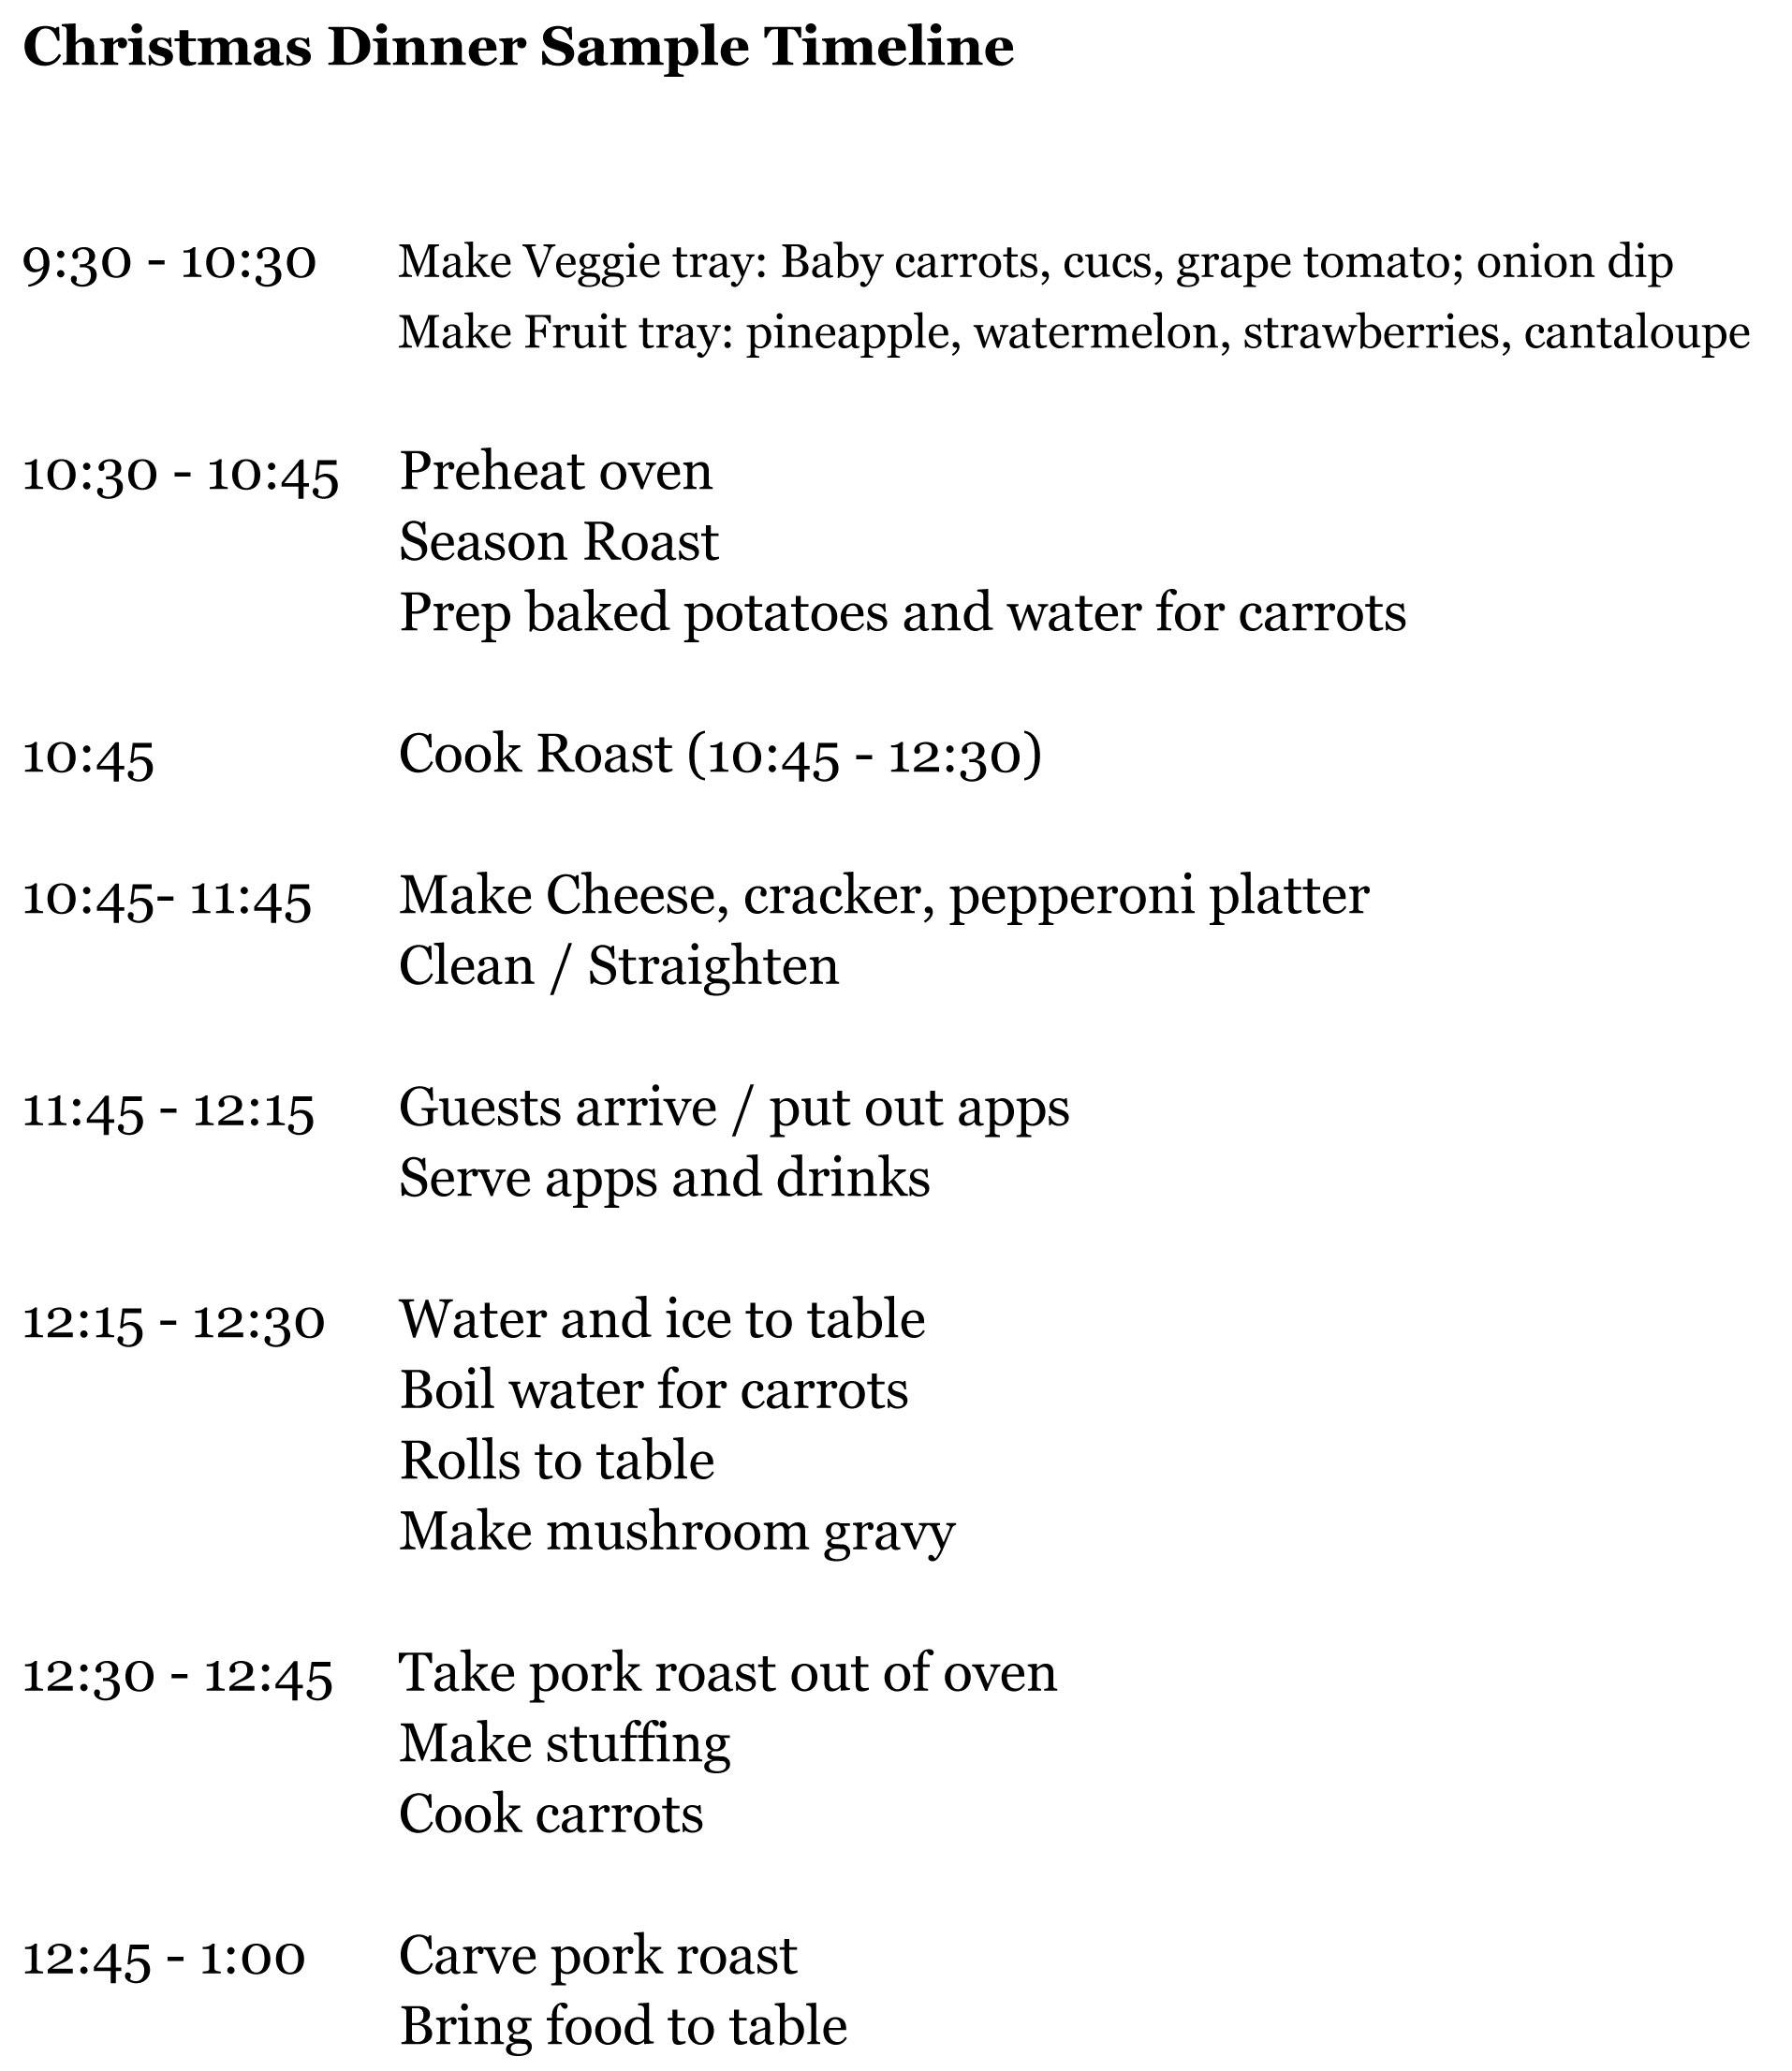 Planning Christmas Dinner